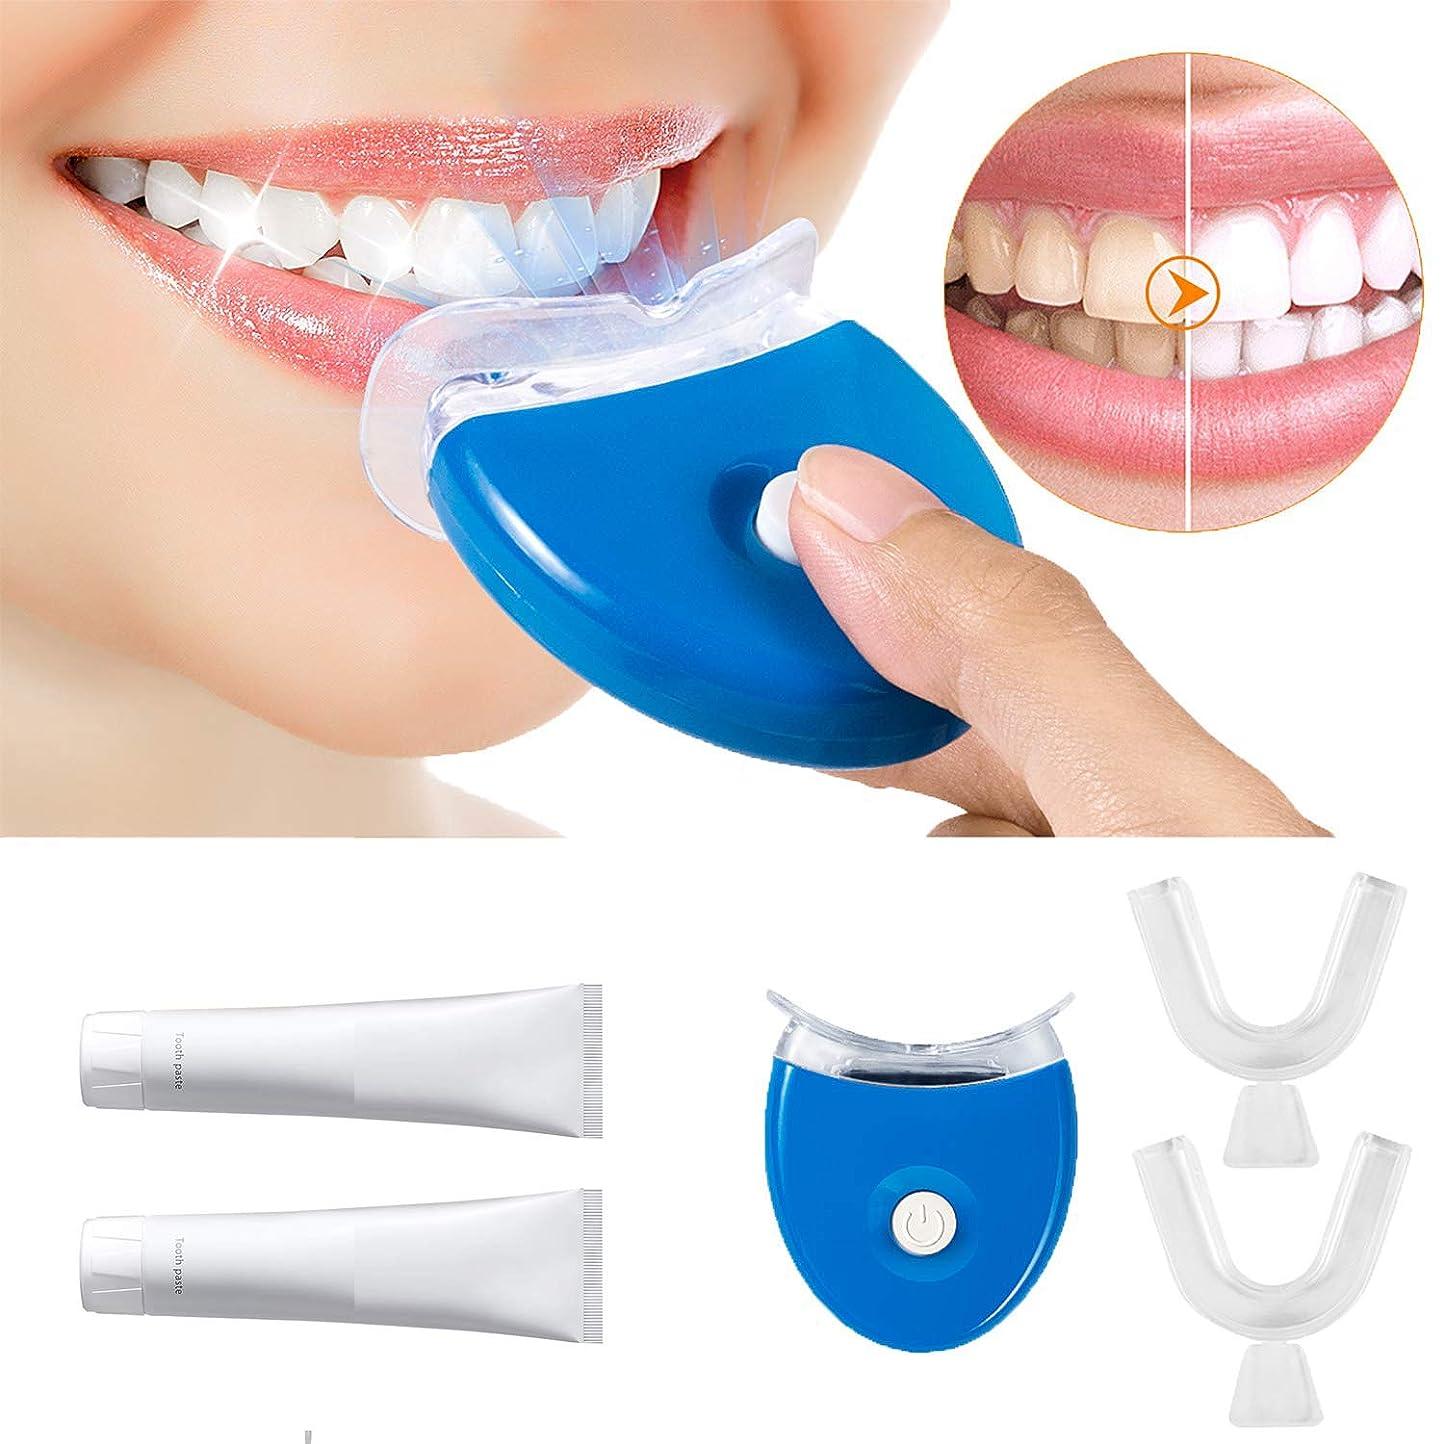 障害欠点エキゾチックホワイトニング 歯ホワイトニング器 歯美白器 美歯器 歯 ホワイトニング ホワイトナー ケア 歯の消しゴム 歯科機器 口腔ゲルキット ブルー